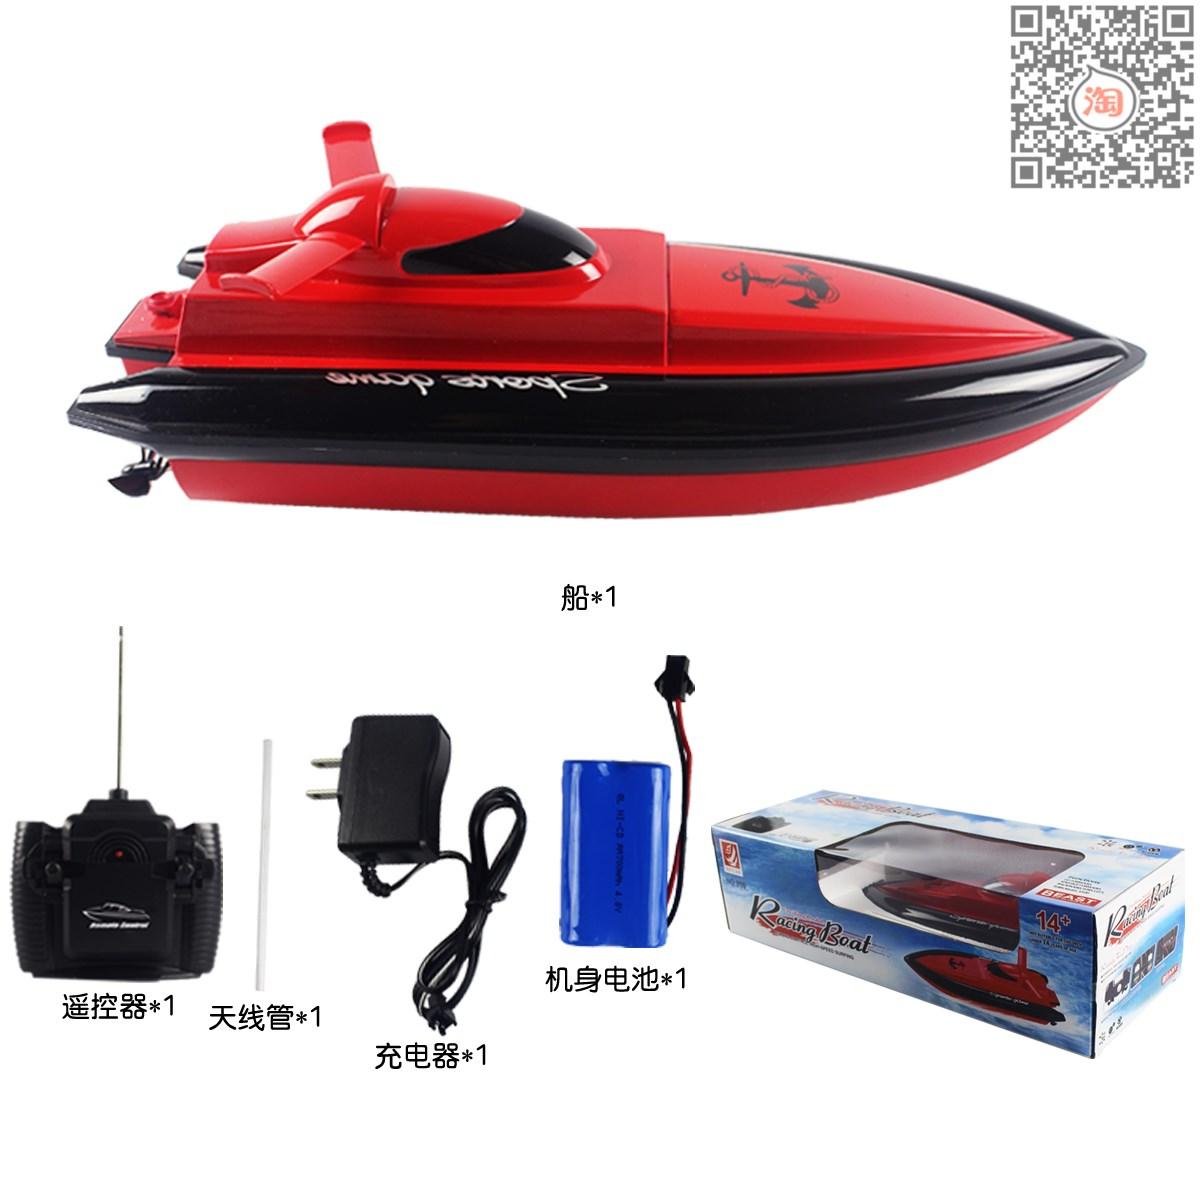 2018充电无线遥控船模型快艇赛艇双马达儿童玩具船可电动